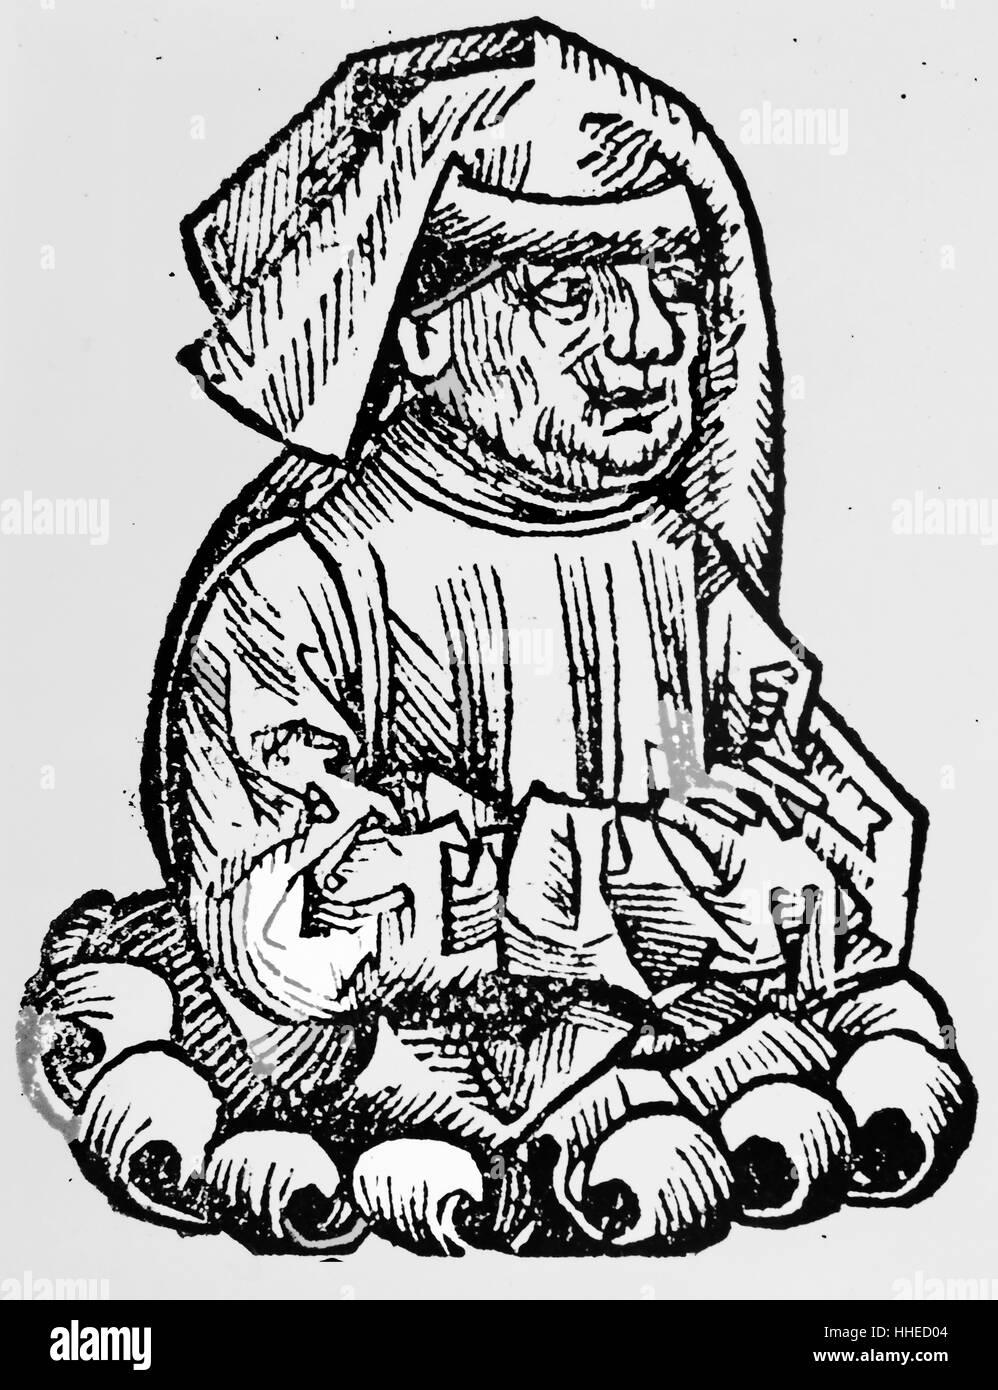 HERMES der ägyptische (Hermes Tris-Megistus) das legendäre Gründer bf okkulten und alchemistischen Stockbild